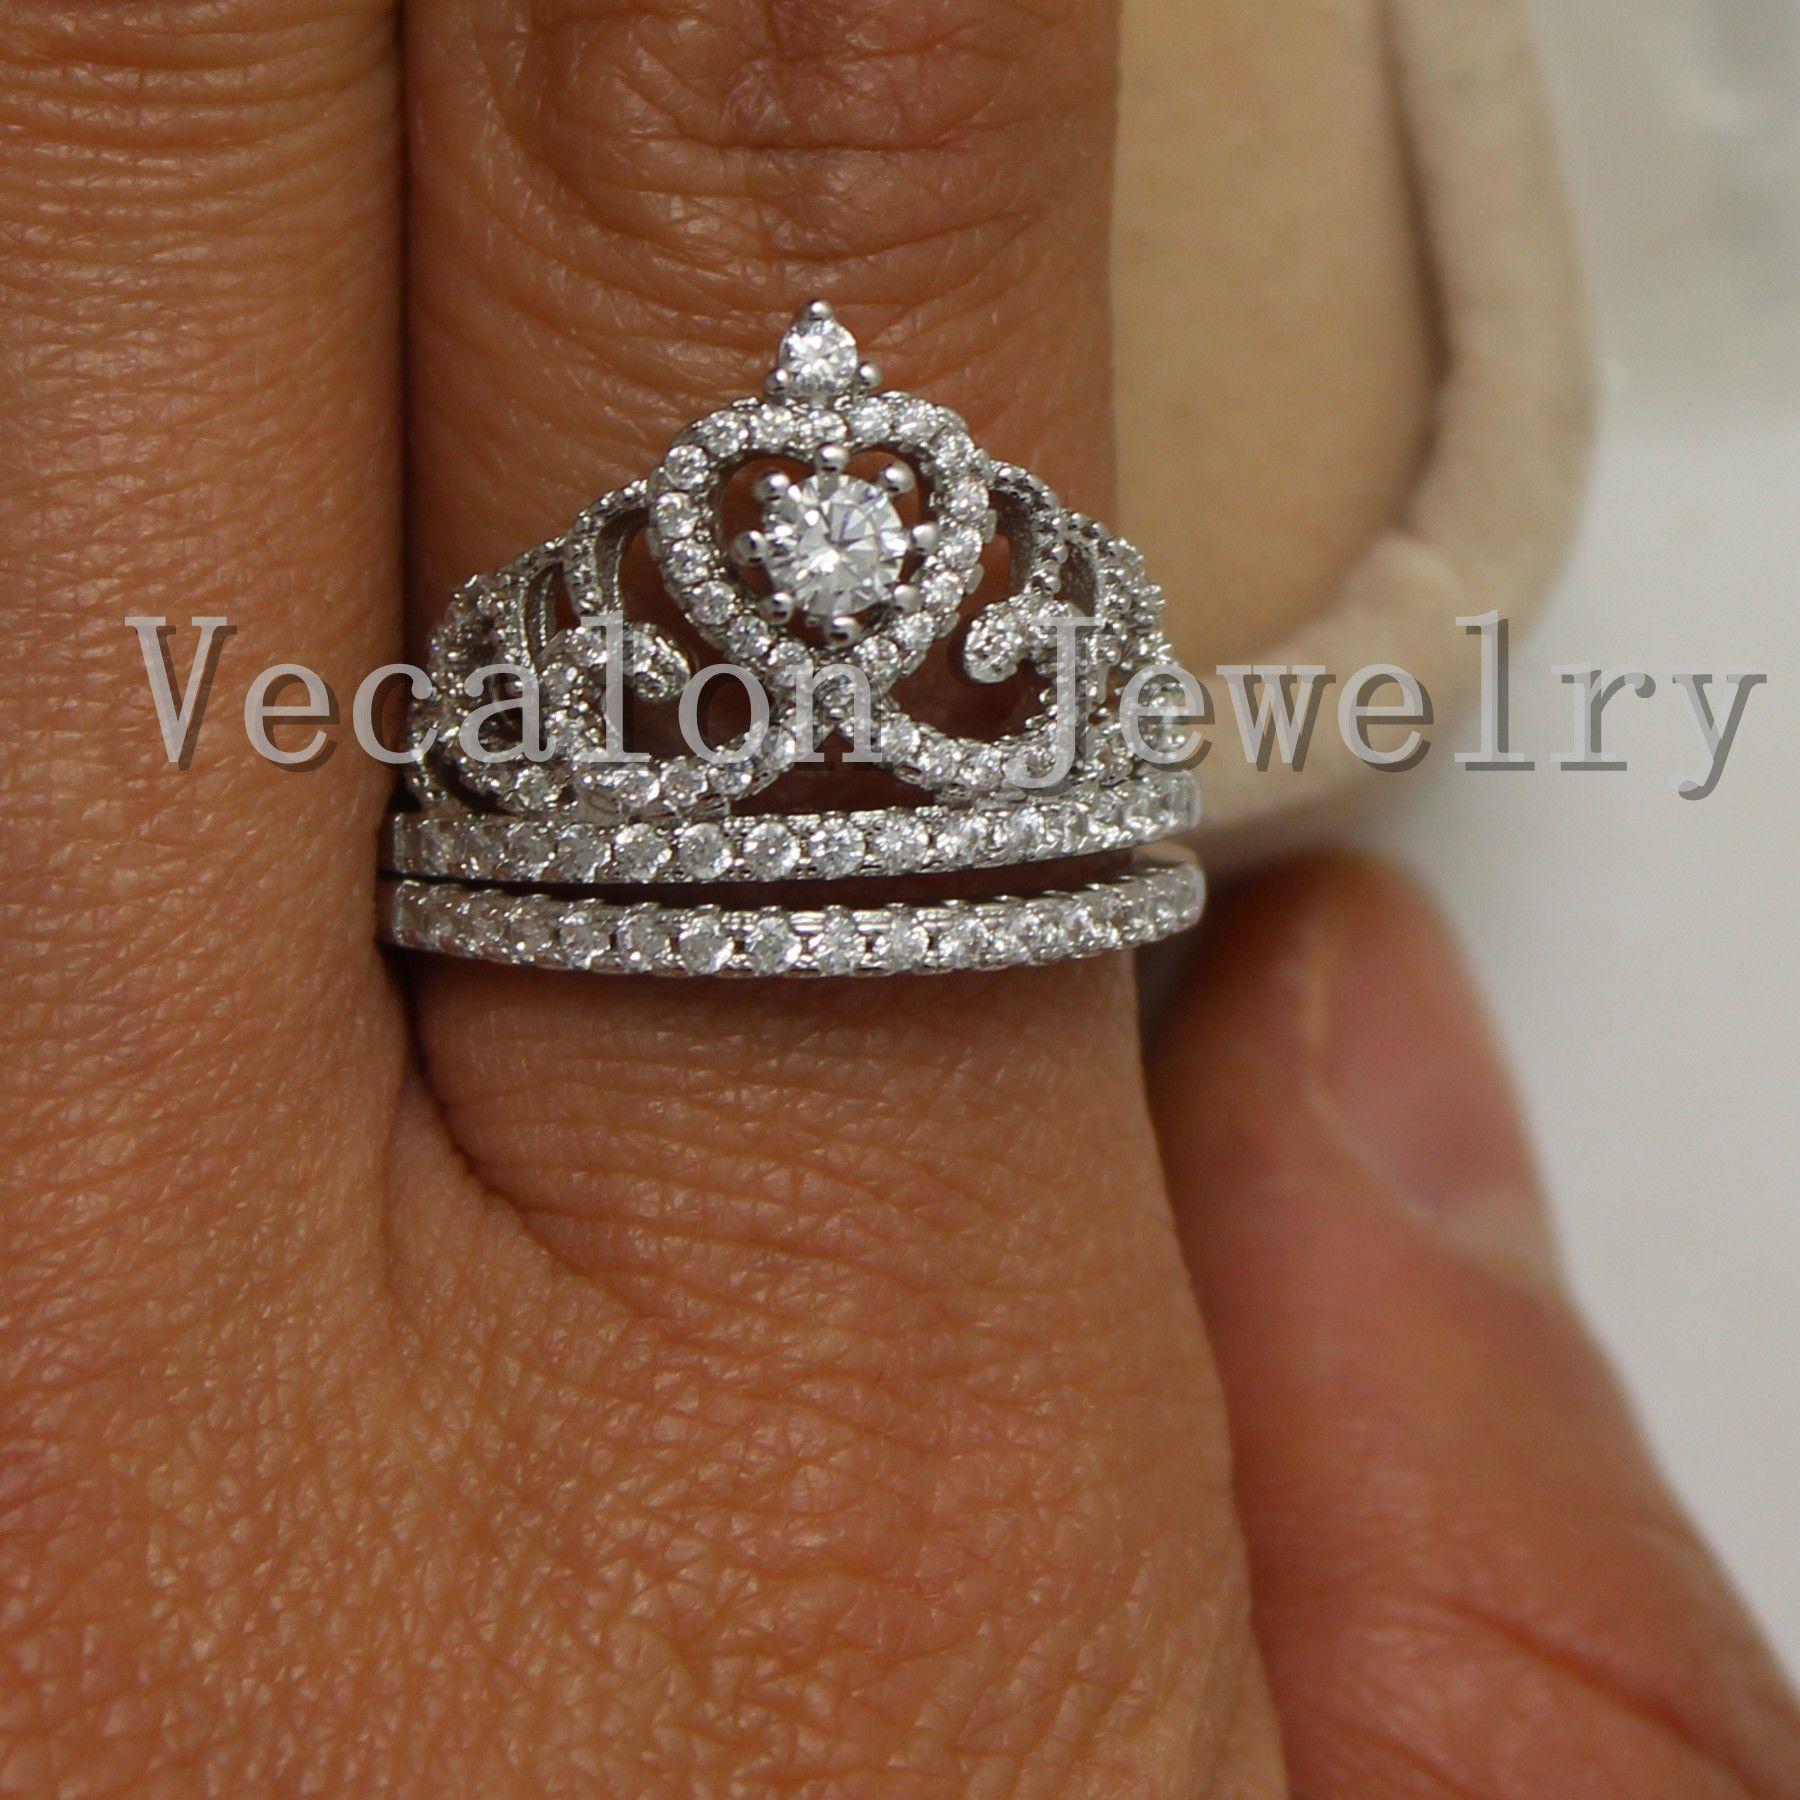 여성을위한 Vecalon 패션 크라운 결혼 반지 세트 Simulated diamond Cz 10KT 화이트 골드 채워진 여성 약혼 반지